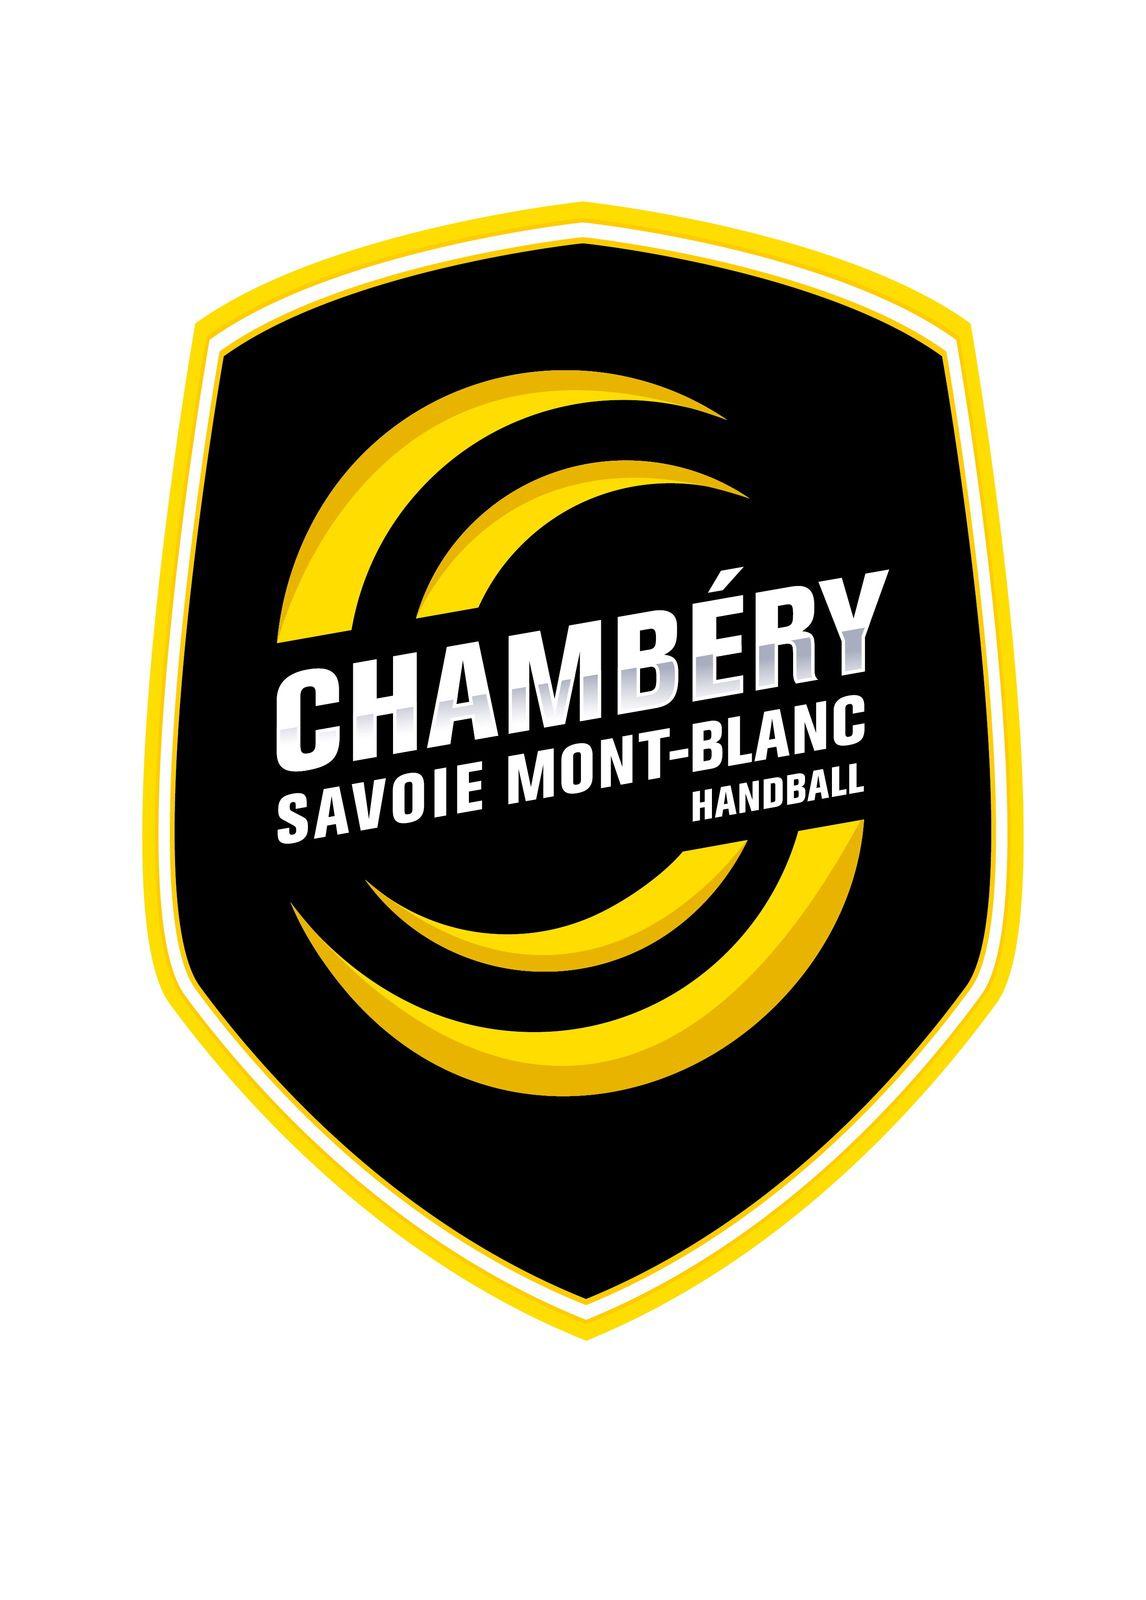 LES MATCHS SOLIDAIRES DE LA TEAM CHAMBÉ VENDREDI 10 AVRIL 2020